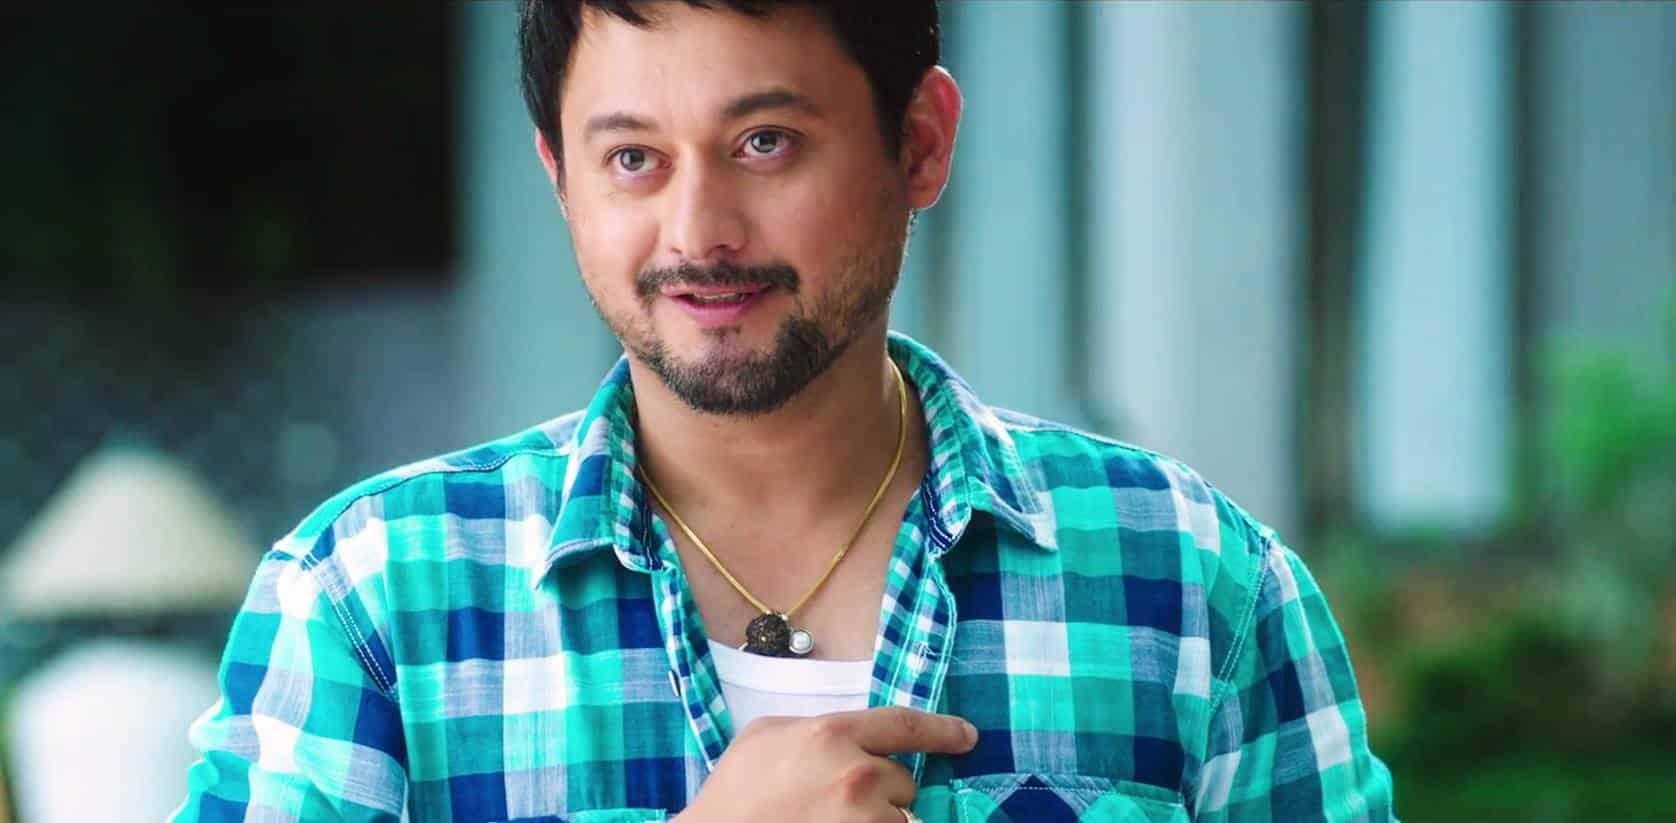 Swapnil Joshi Indian Actor, Comedian